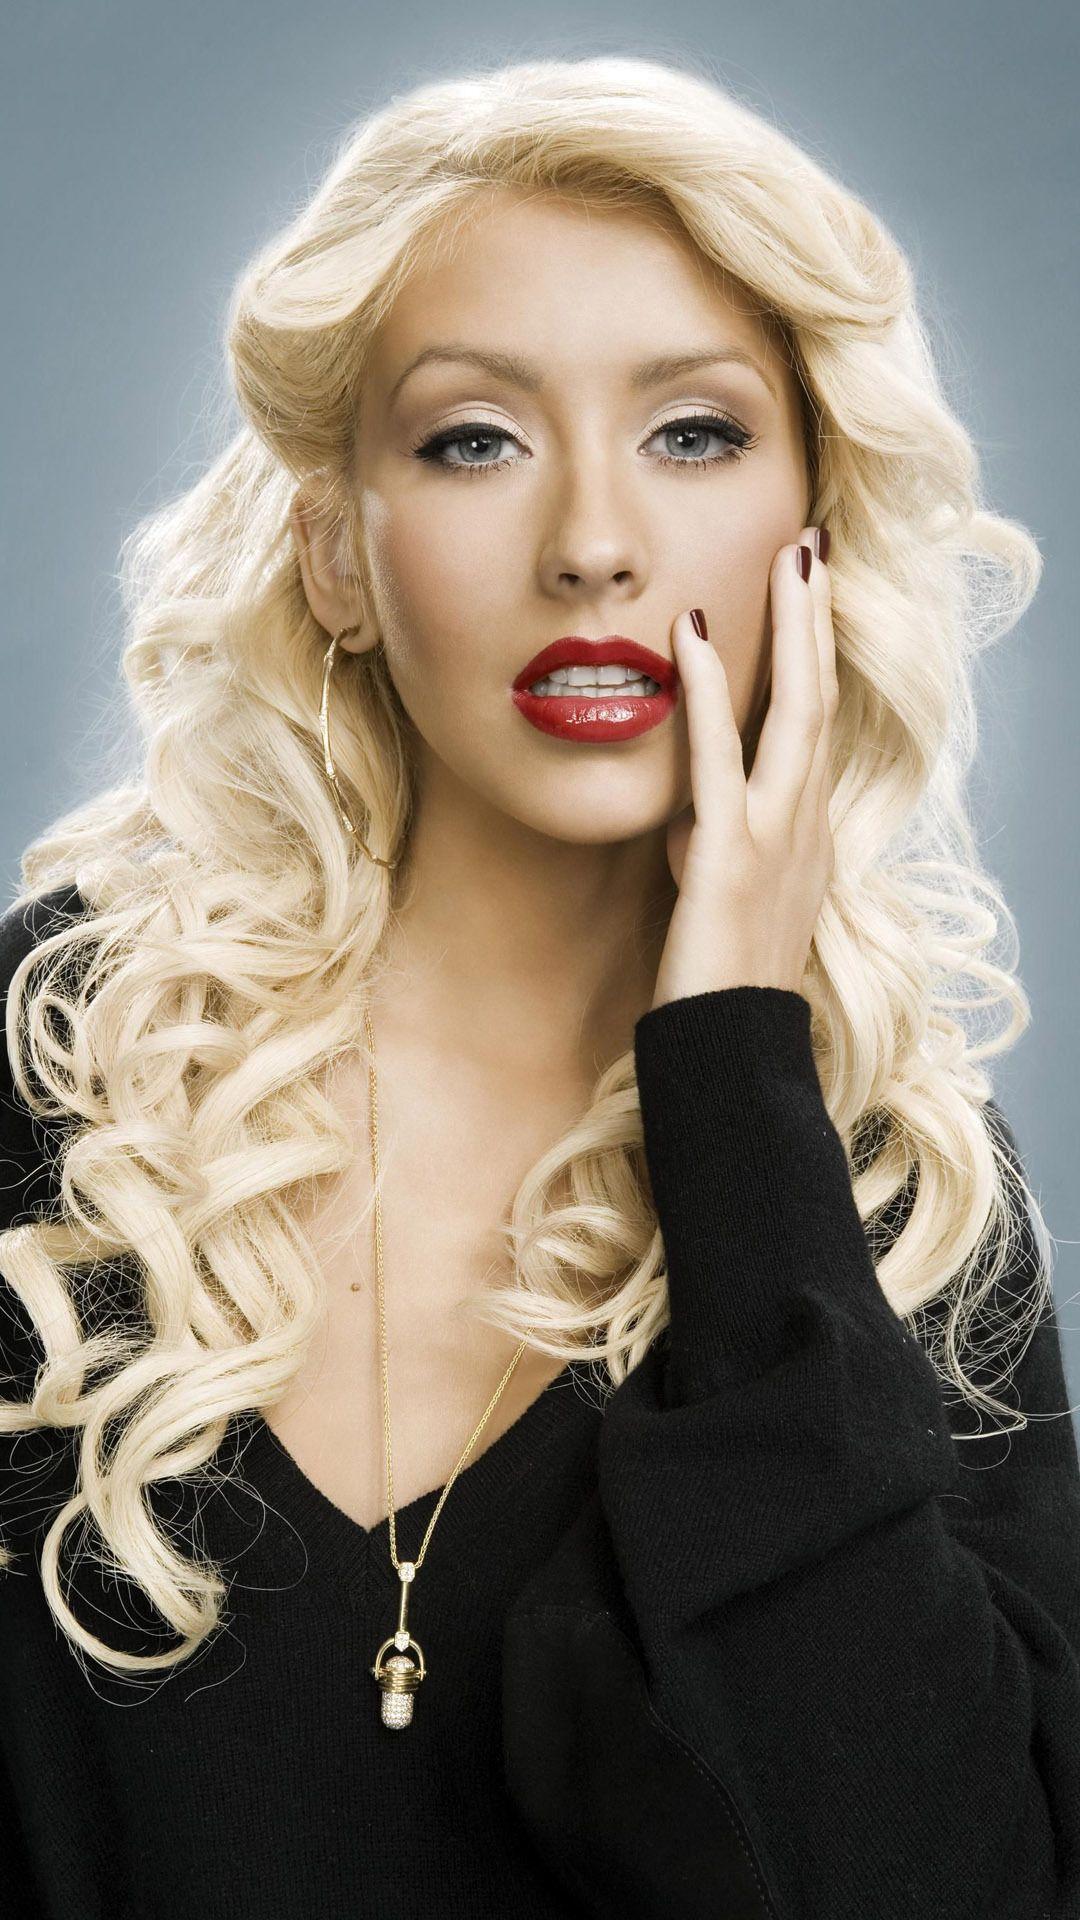 Christina Aguilera Wallpapers Hd Backgrounds Images Pics Photos Christina Aguilera Christina Maria Aguilera Christina